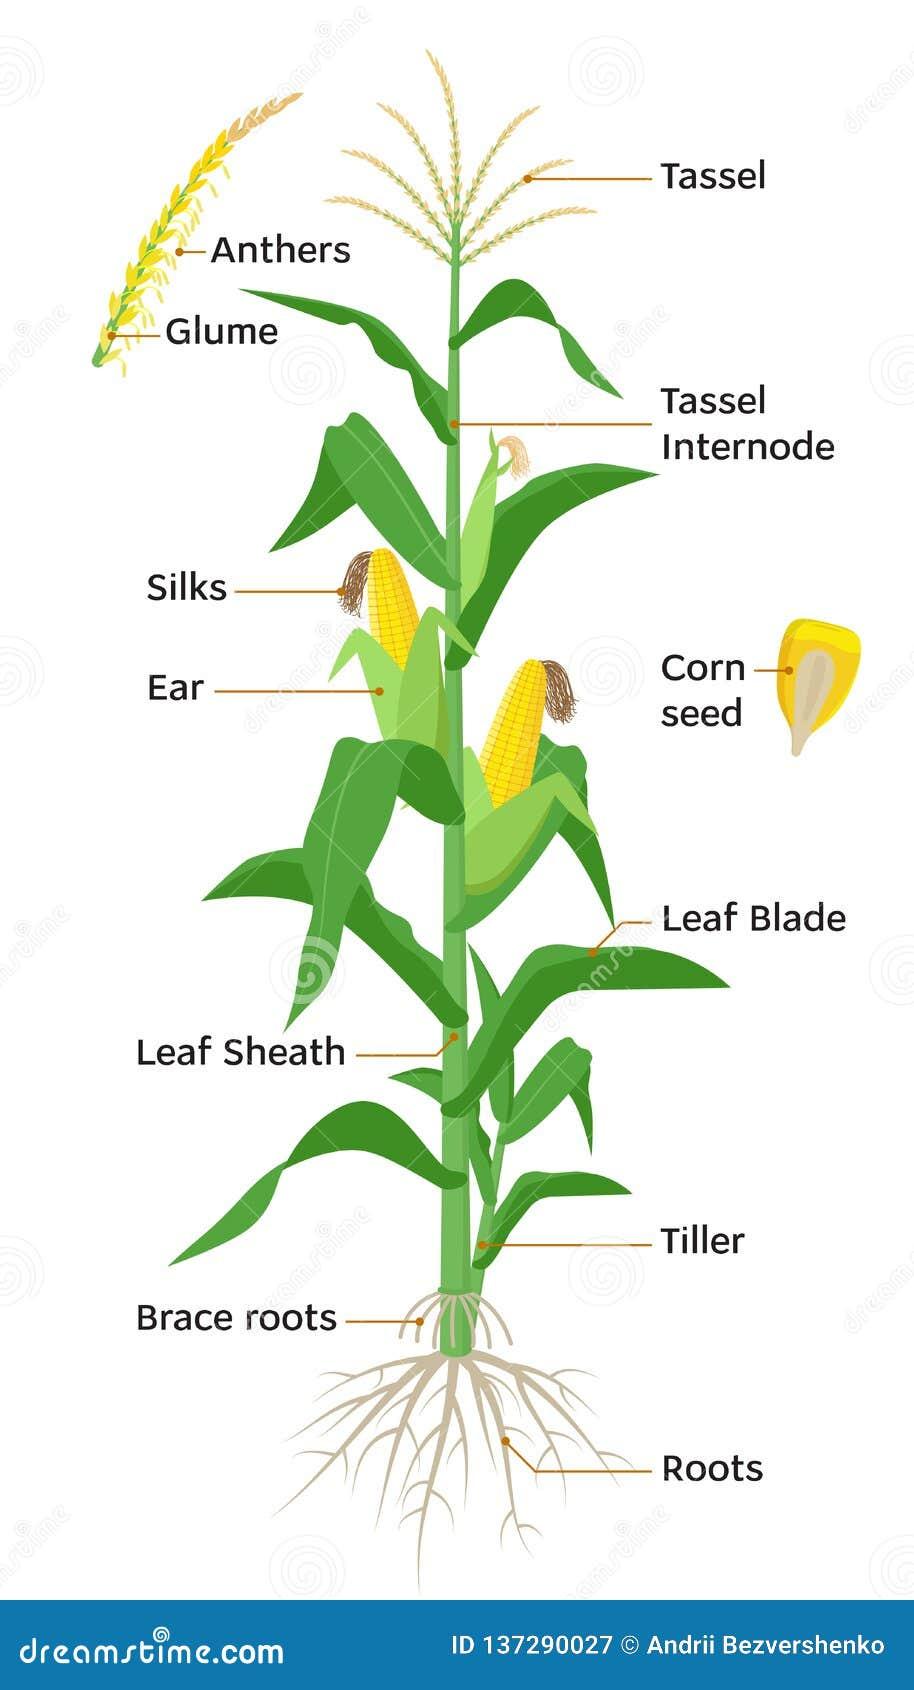 Diagramma della pianta di mais, elementi infographic con le parti della pianta di cereale, antere, nappa, spighe di frumento, pan